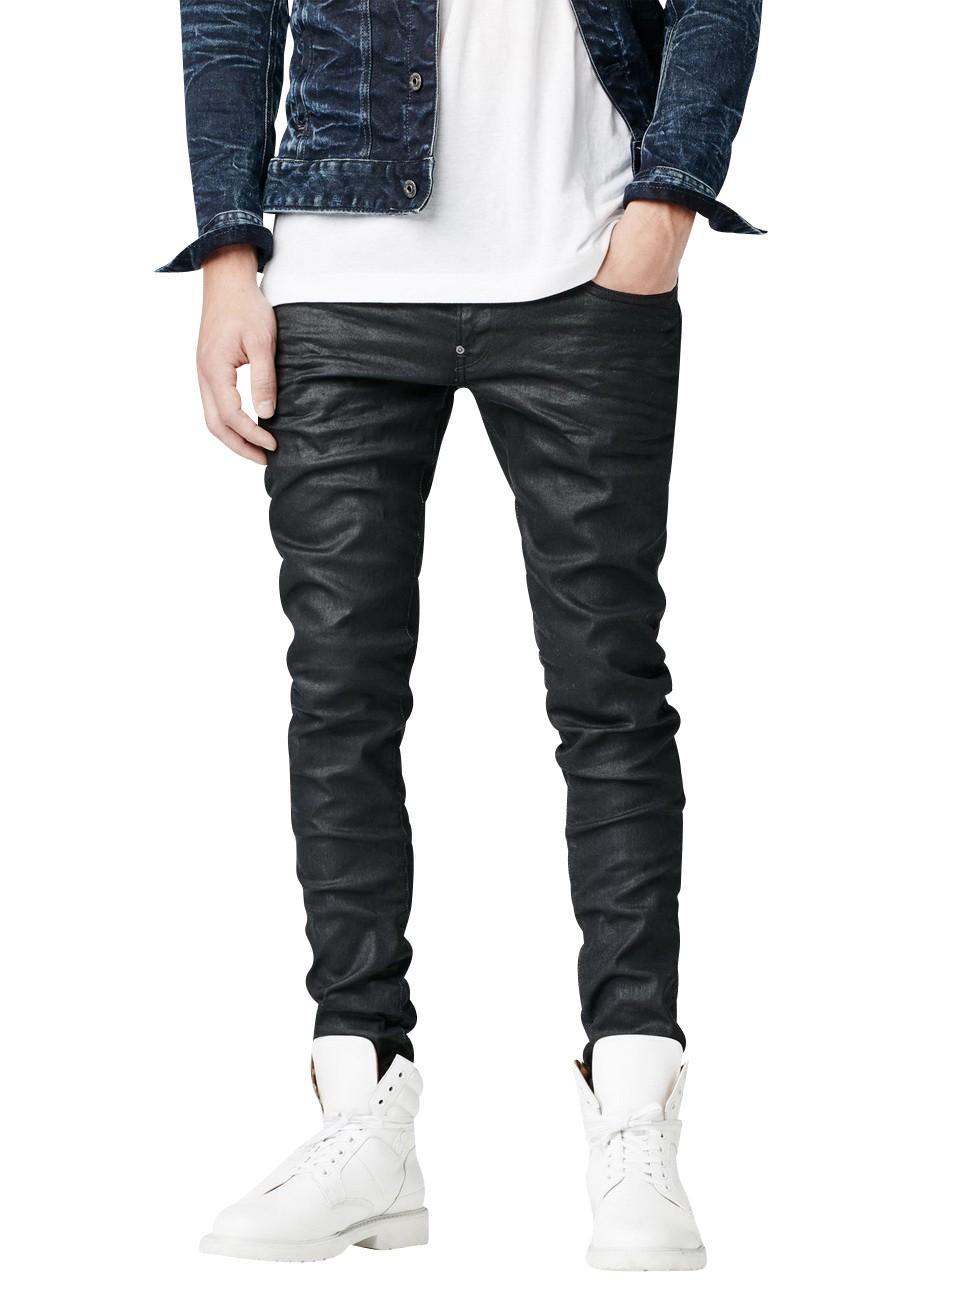 g star herren jeans revend super slim fit 3d dark aged ebay. Black Bedroom Furniture Sets. Home Design Ideas